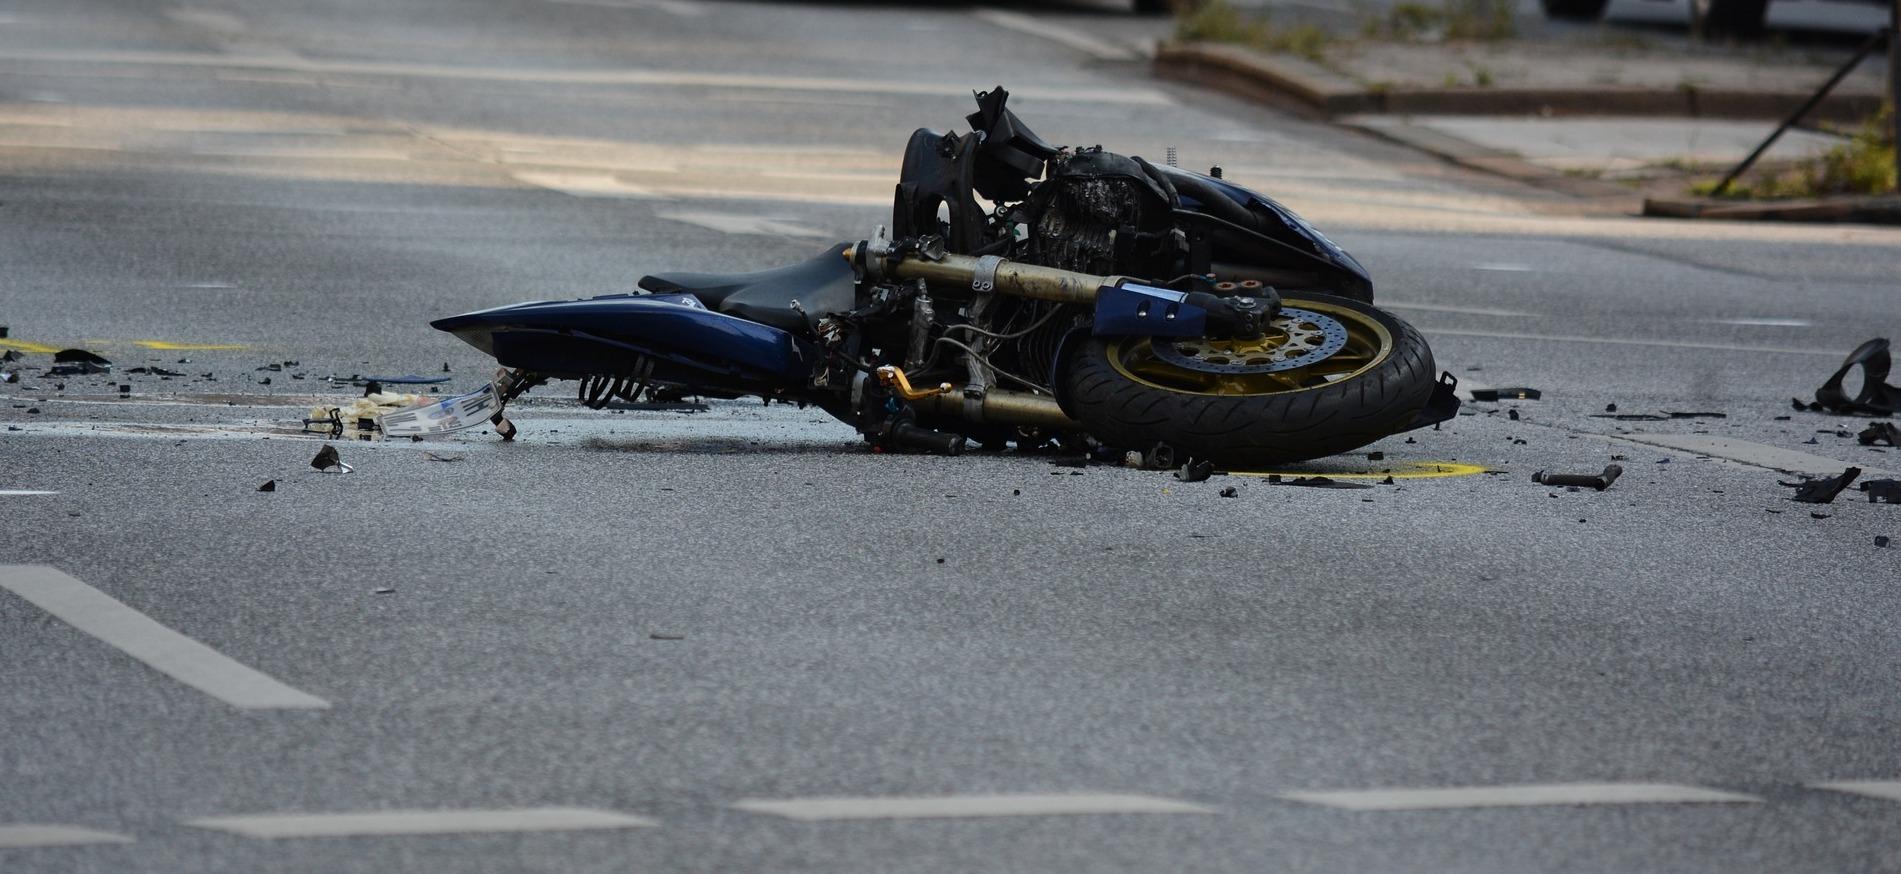 HOCZEW: Motocyklista uderzył w tył osobówki. Zginął na miejscu - Zdjęcie główne